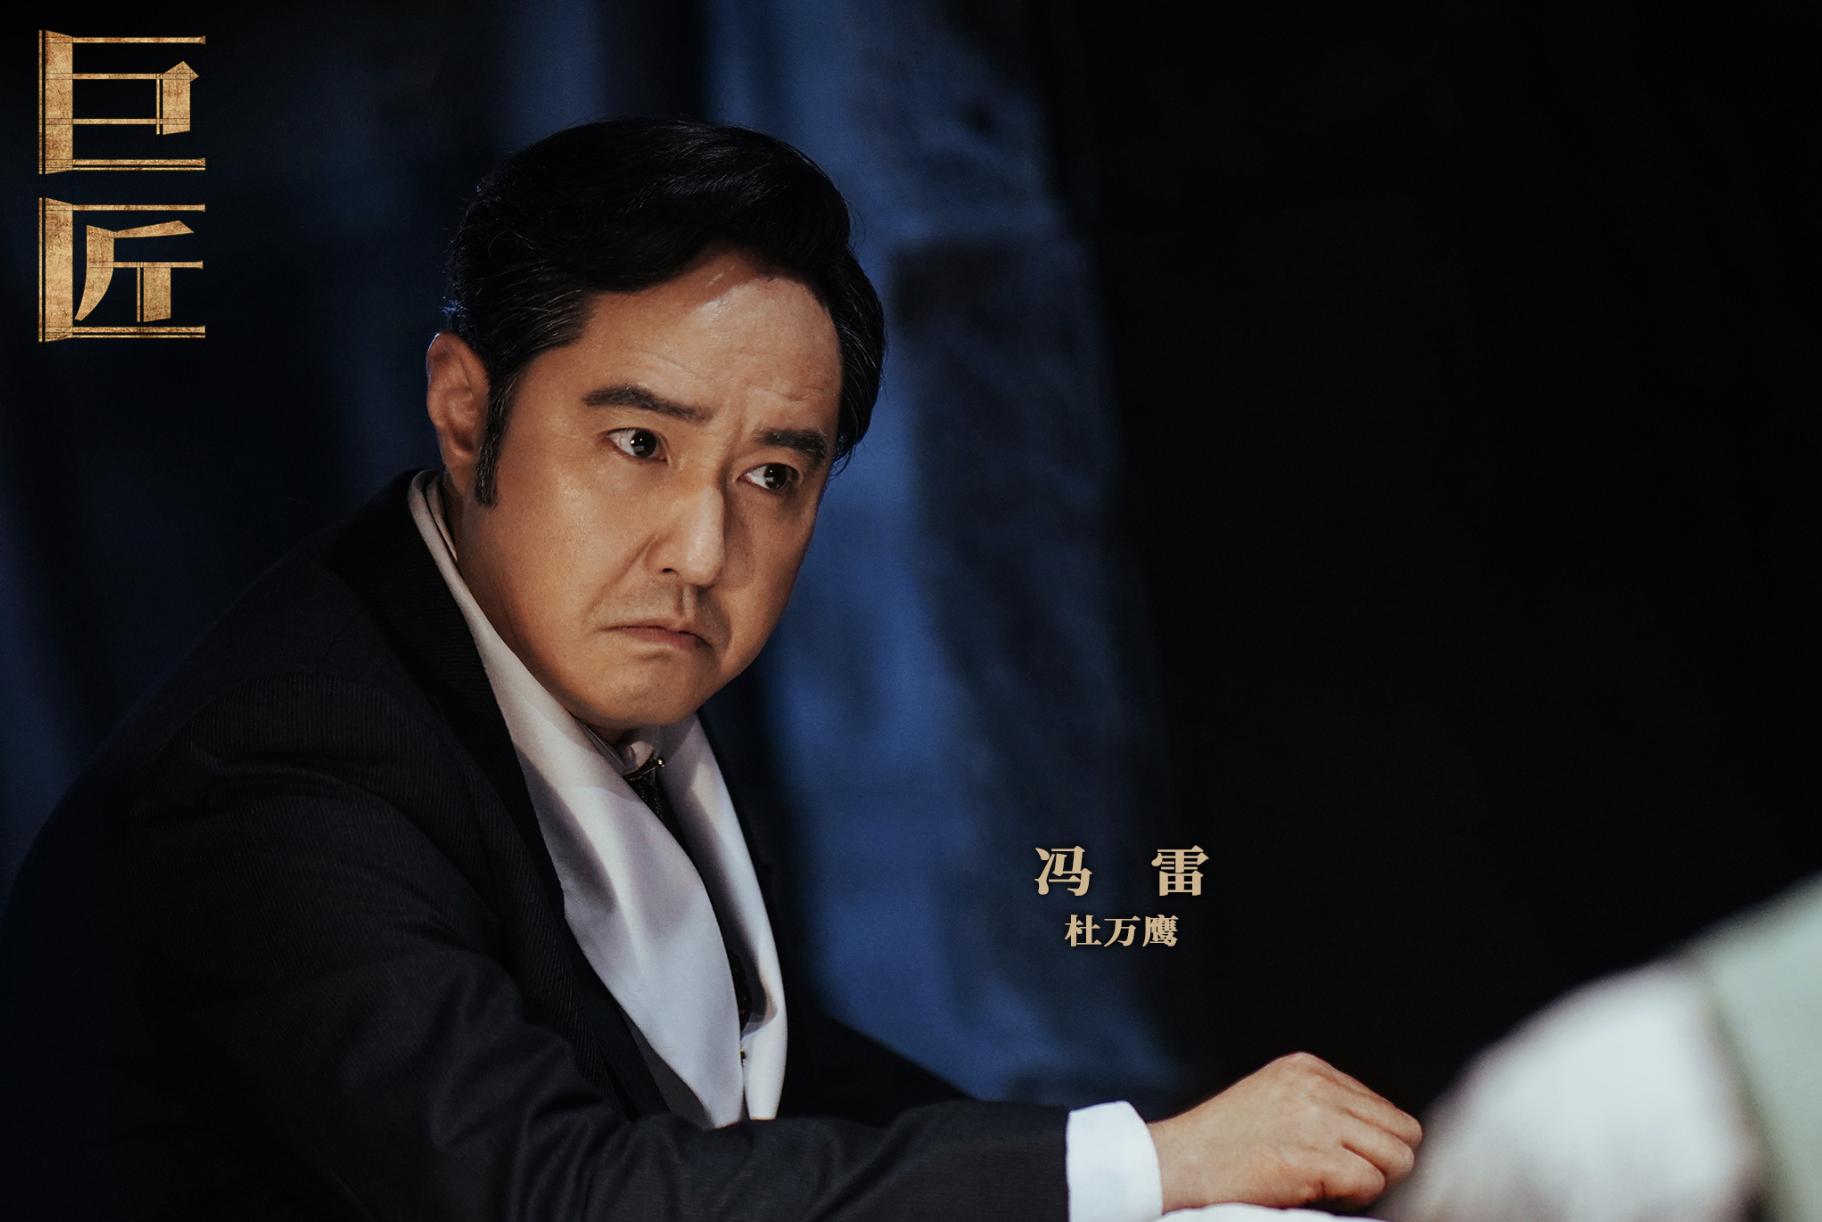 电视剧《巨匠》杀青 冯雷张骏宁上演父子档引期待